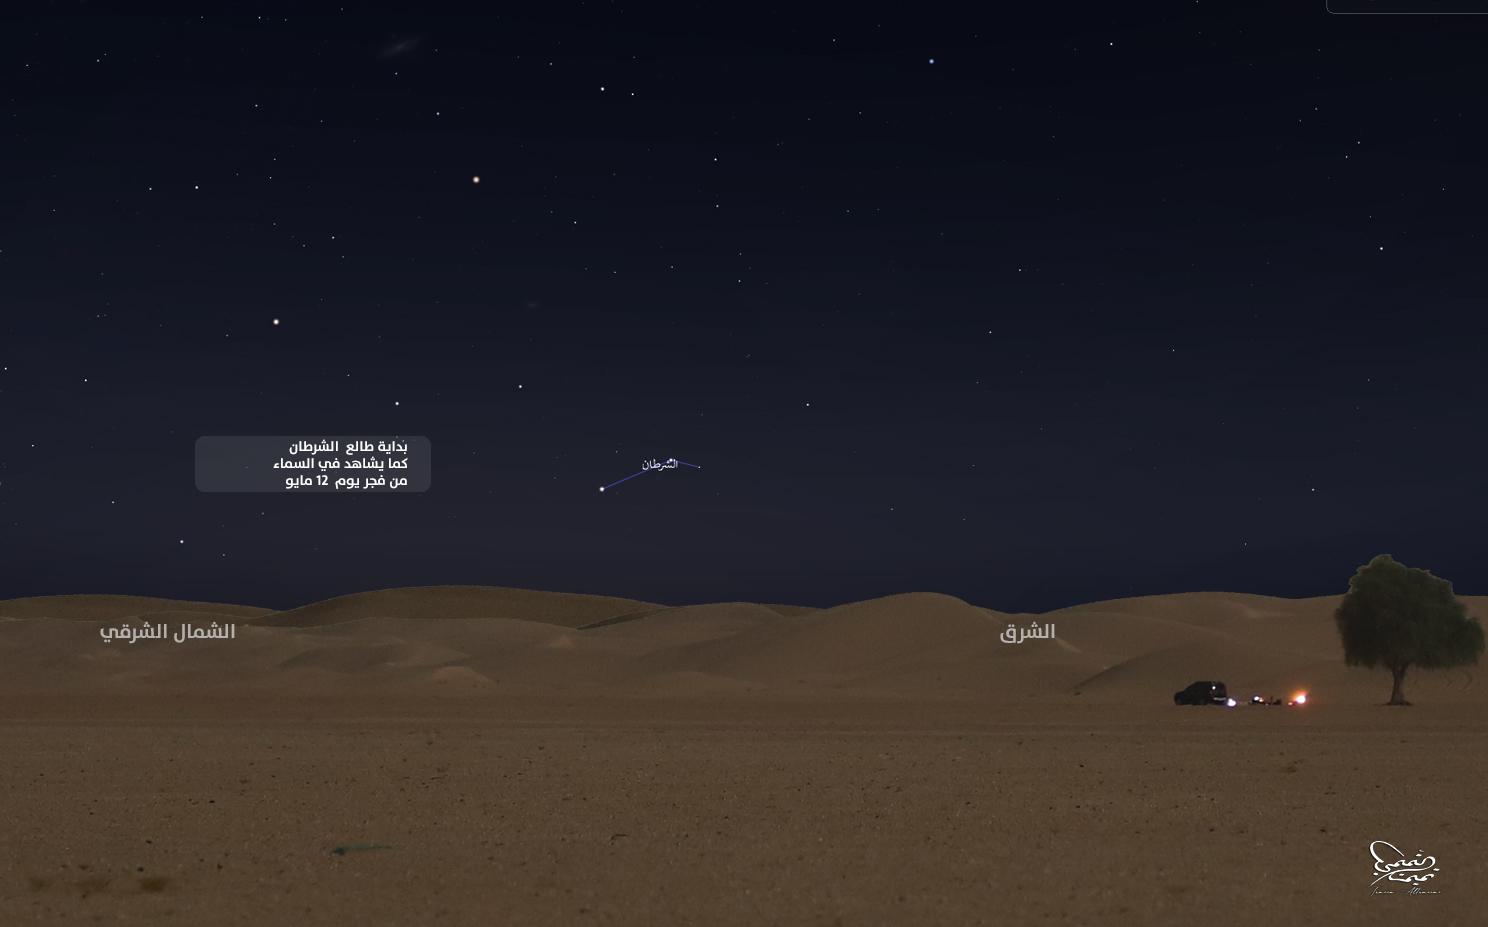 بداية طالع الشرطان كما يشاهد في السماء من فجر يوم 12 مايو